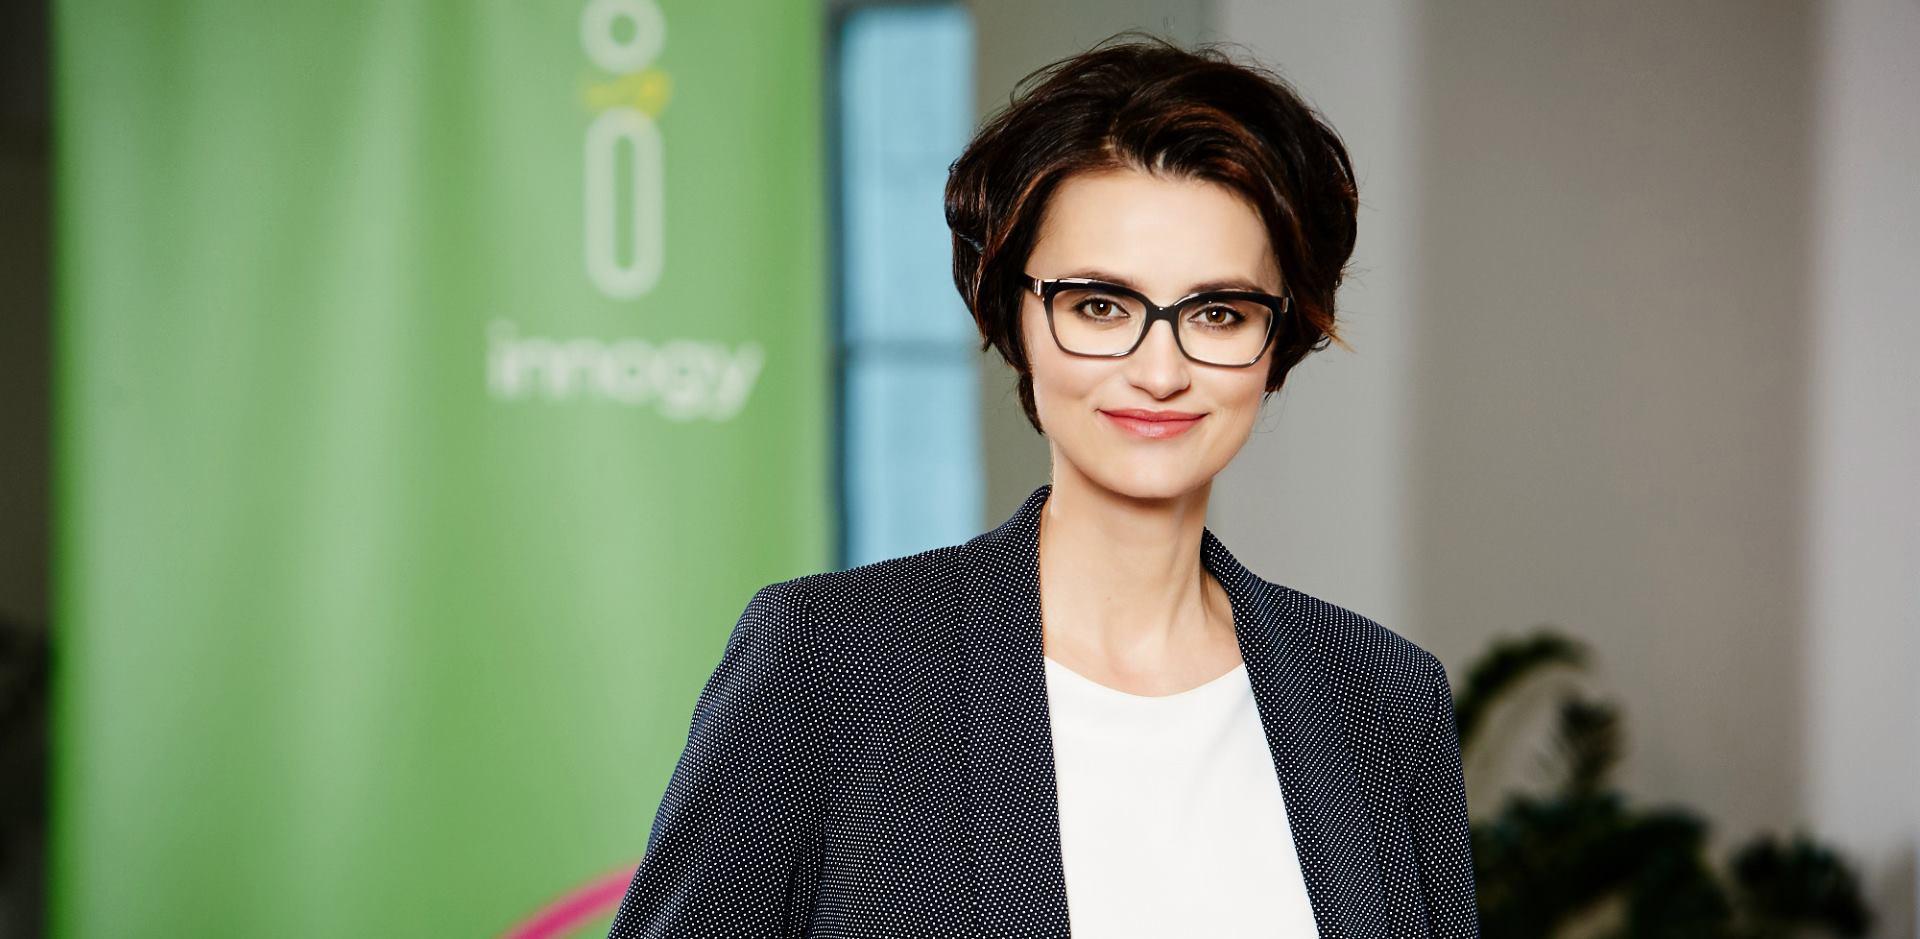 Alena Rozsypalová nova članica Uprave RWE Hrvatske